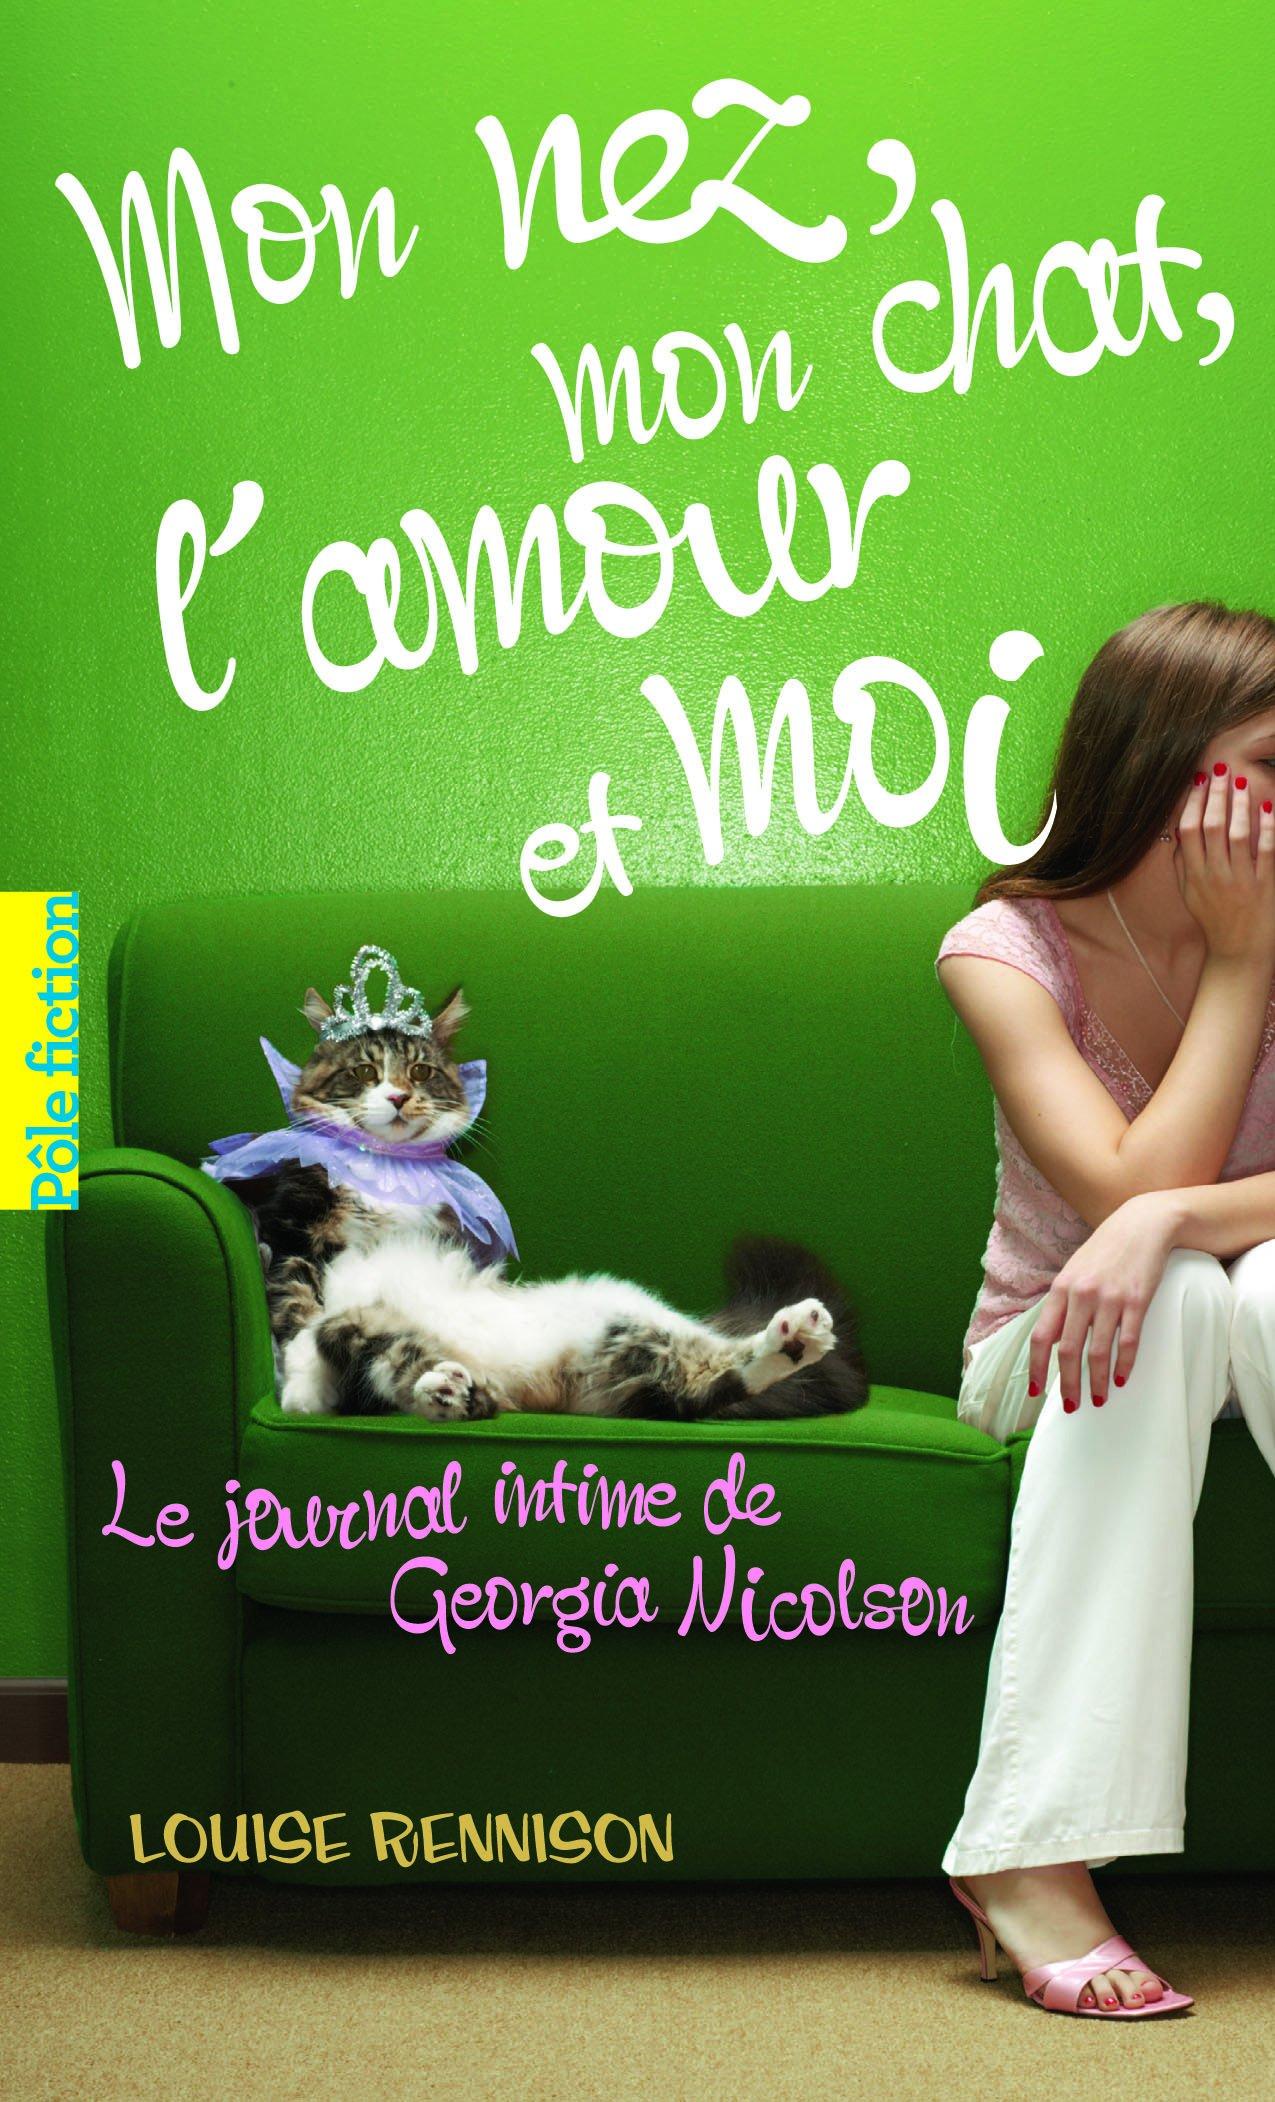 mon nez mon chat l amour et moi journal intime de georgia nicolson   Allez vous faire lire